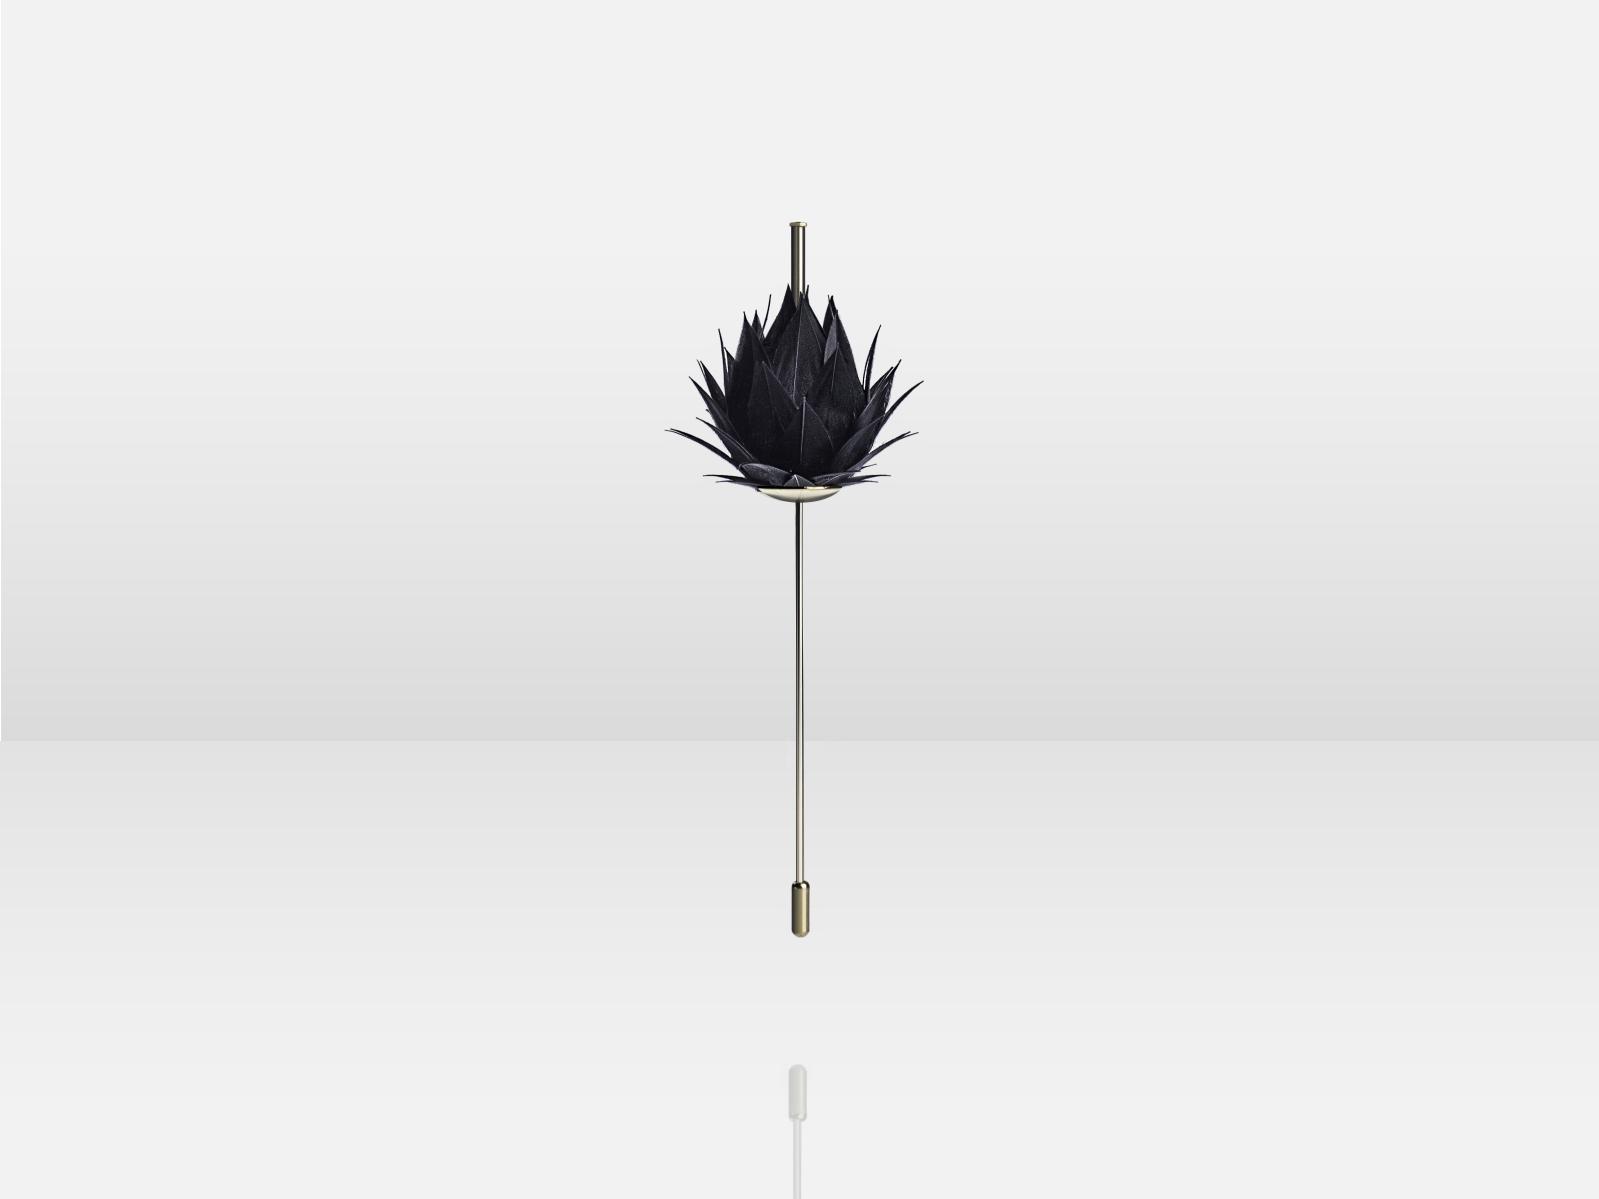 Broche «Abstraction florale», plumes d'oie noires, édition limitée, Sacco Baret. © Sacco Baret